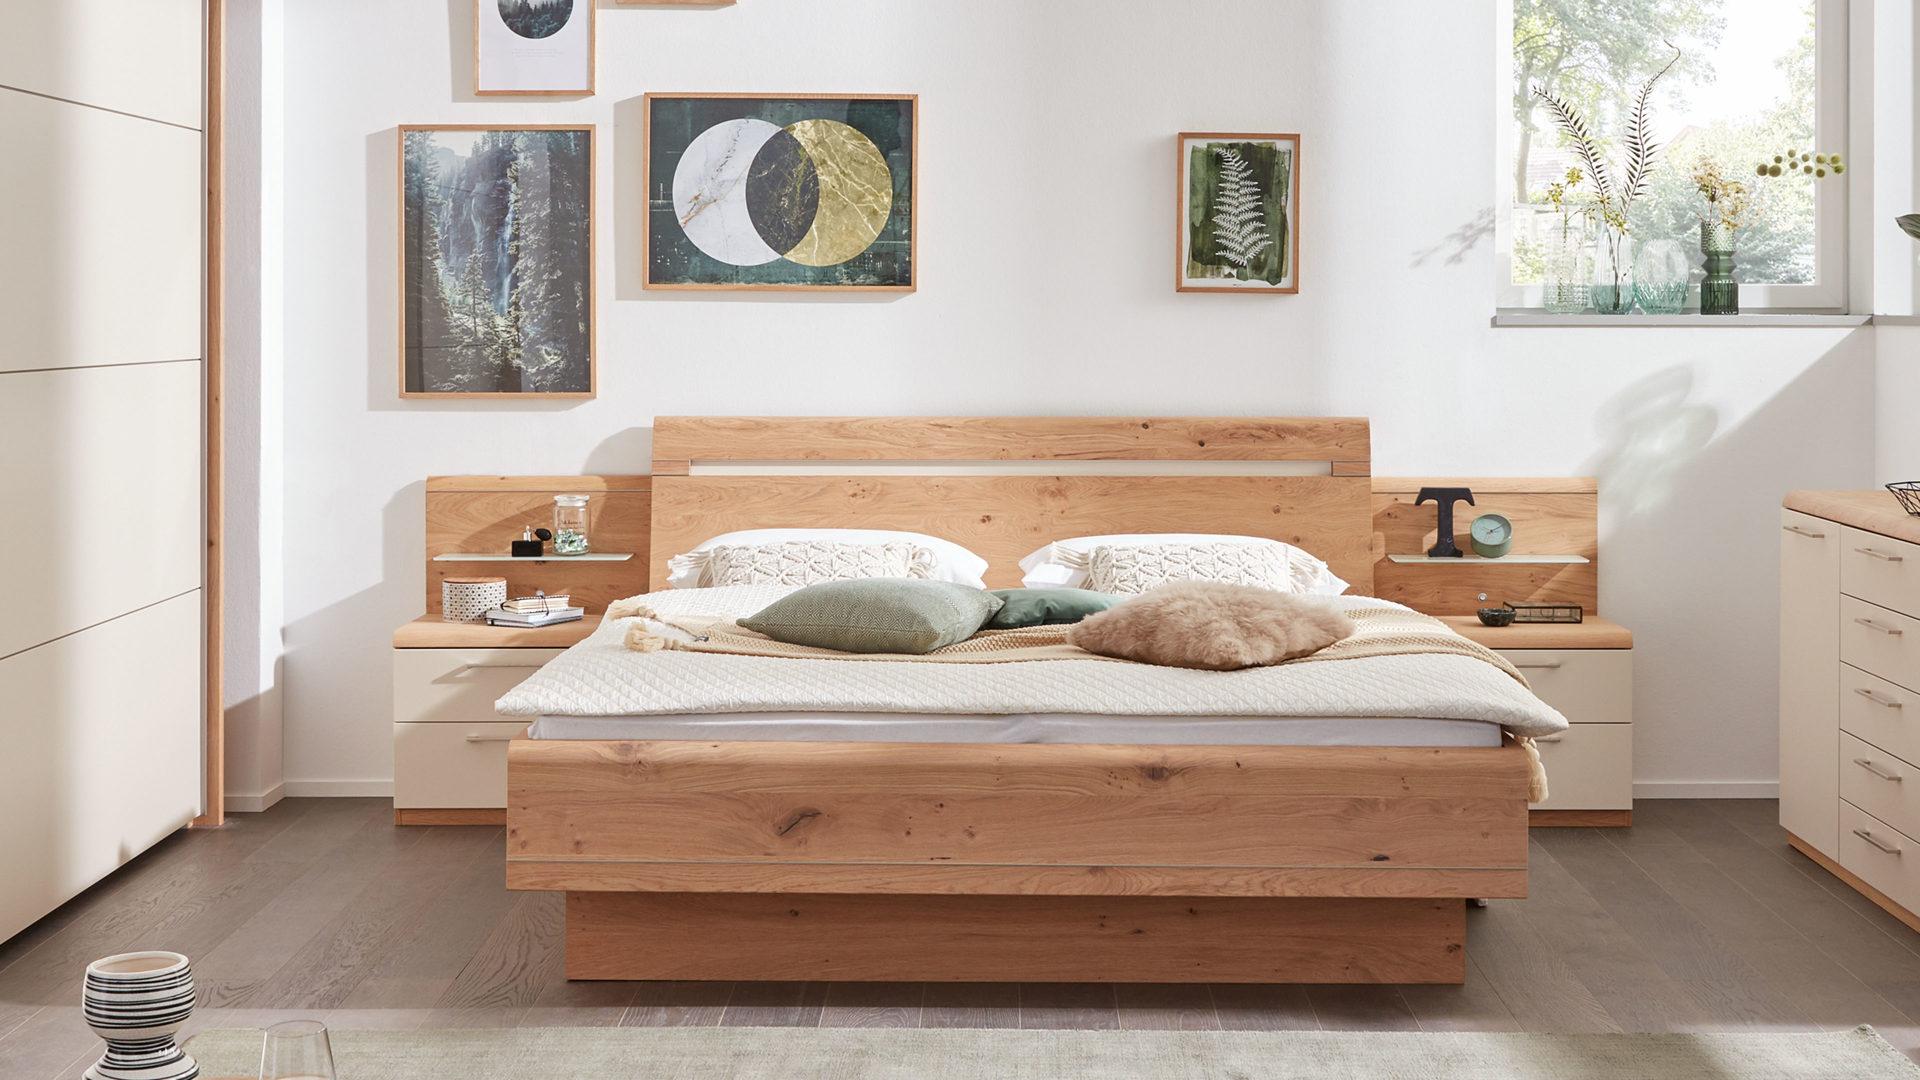 Interliving Schlafzimmer Serie 1013 Doppelbettgestell Mit Nachtkonsolen Und